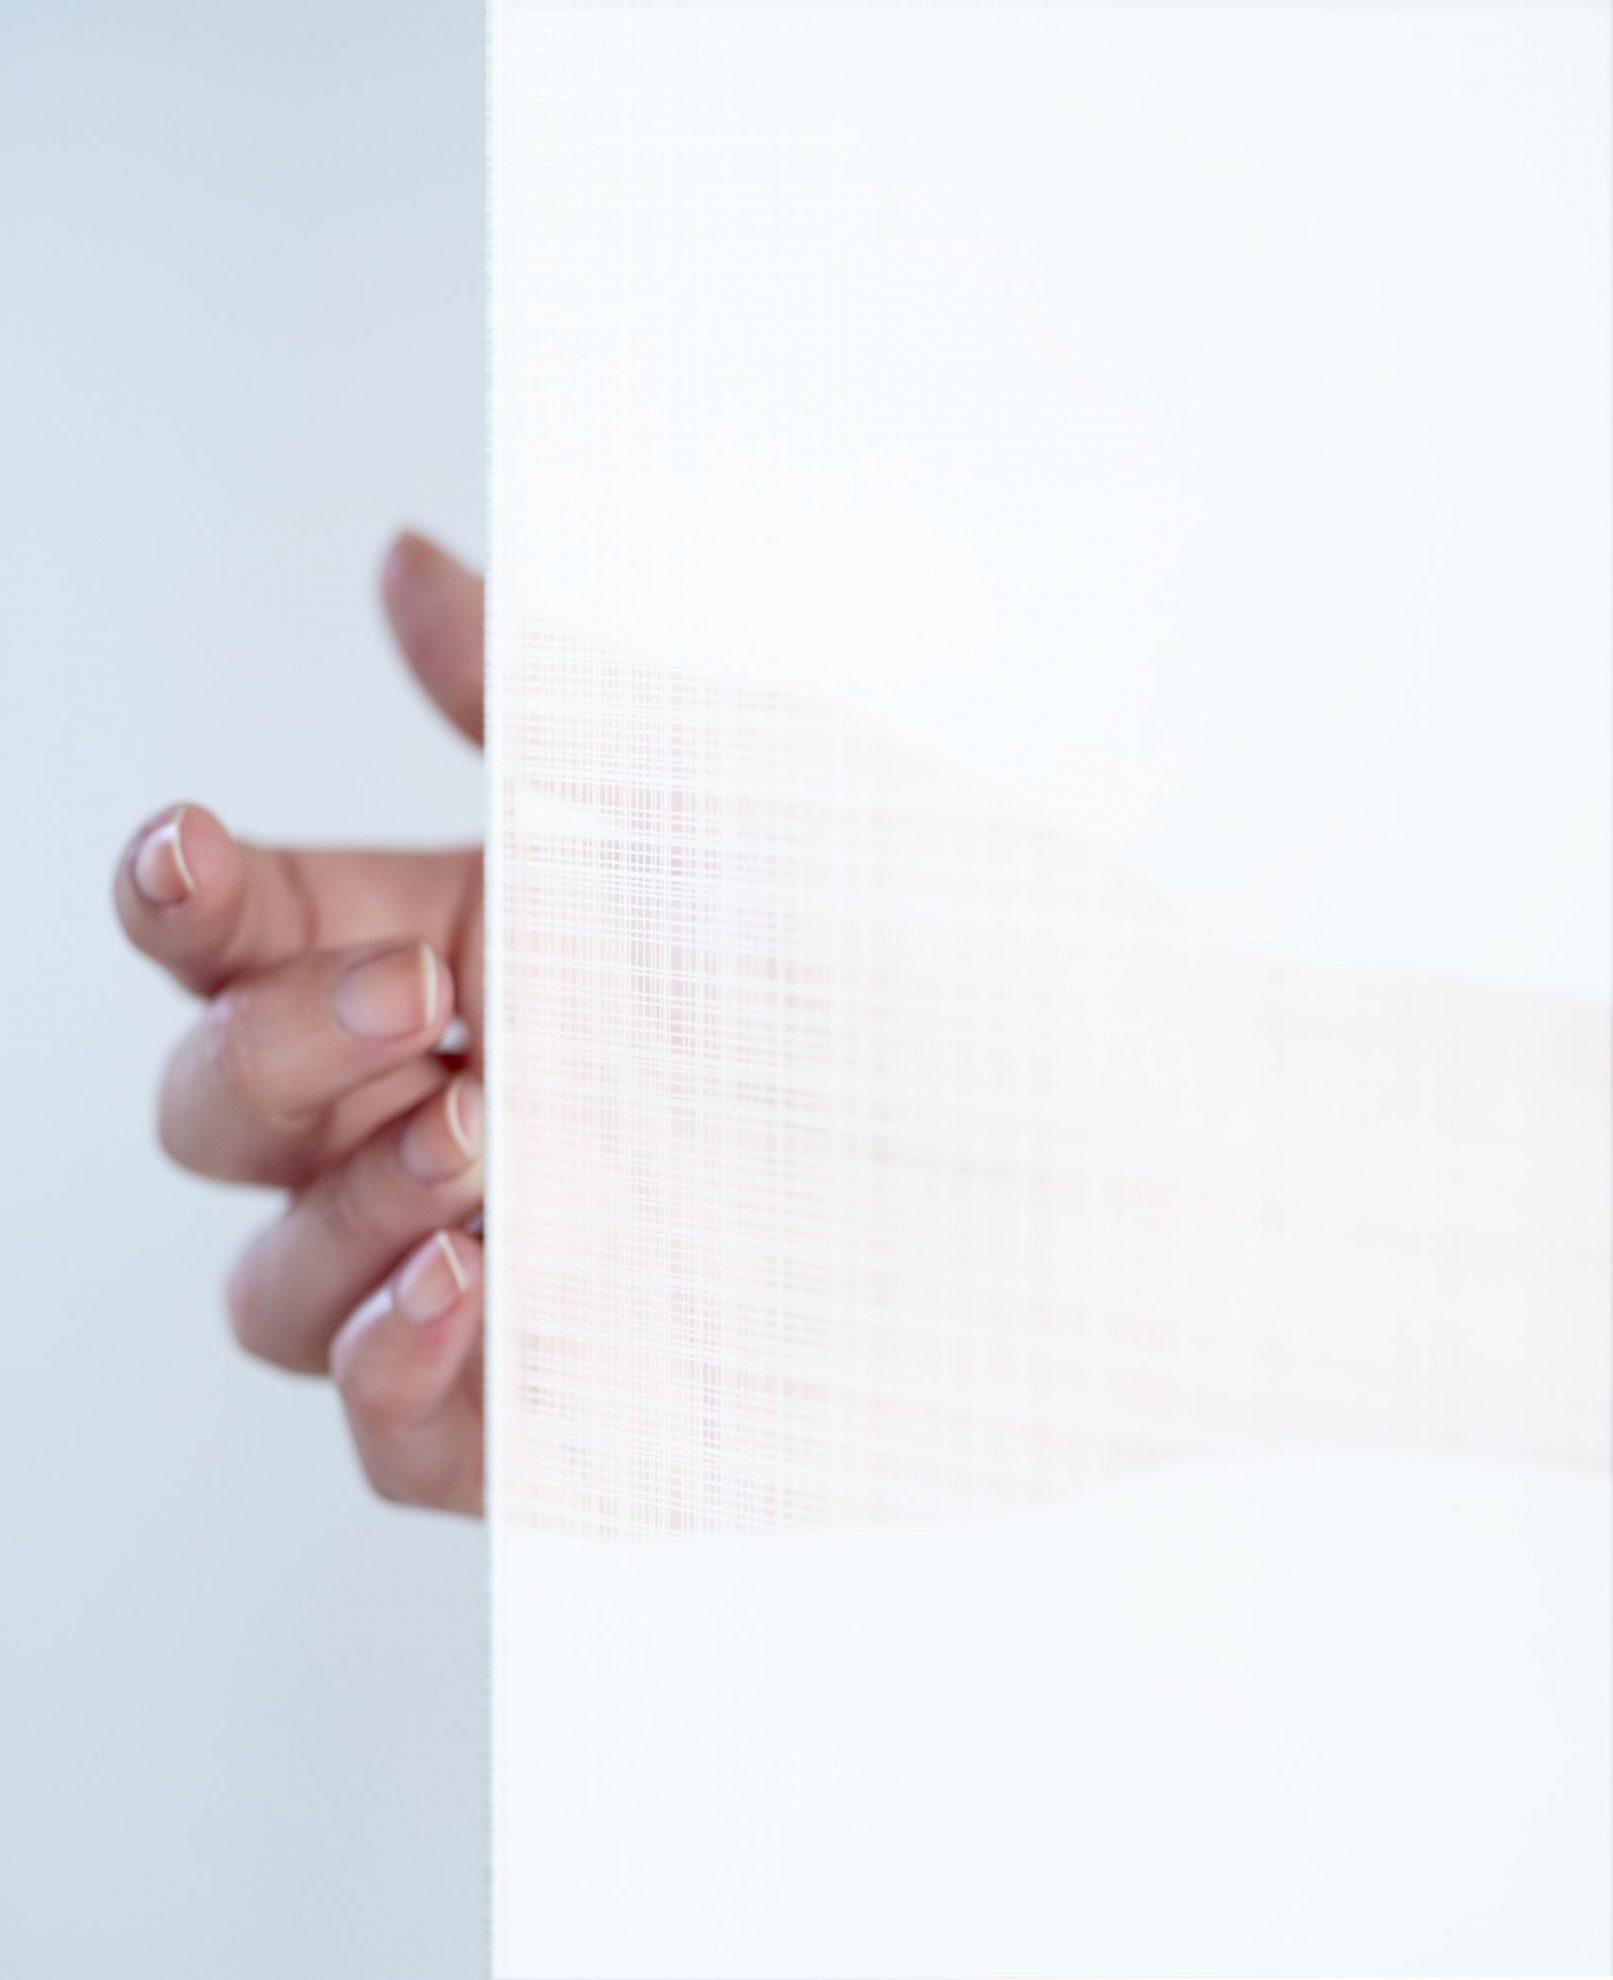 Nussbaum Gw Vergleich Hand TwoSide